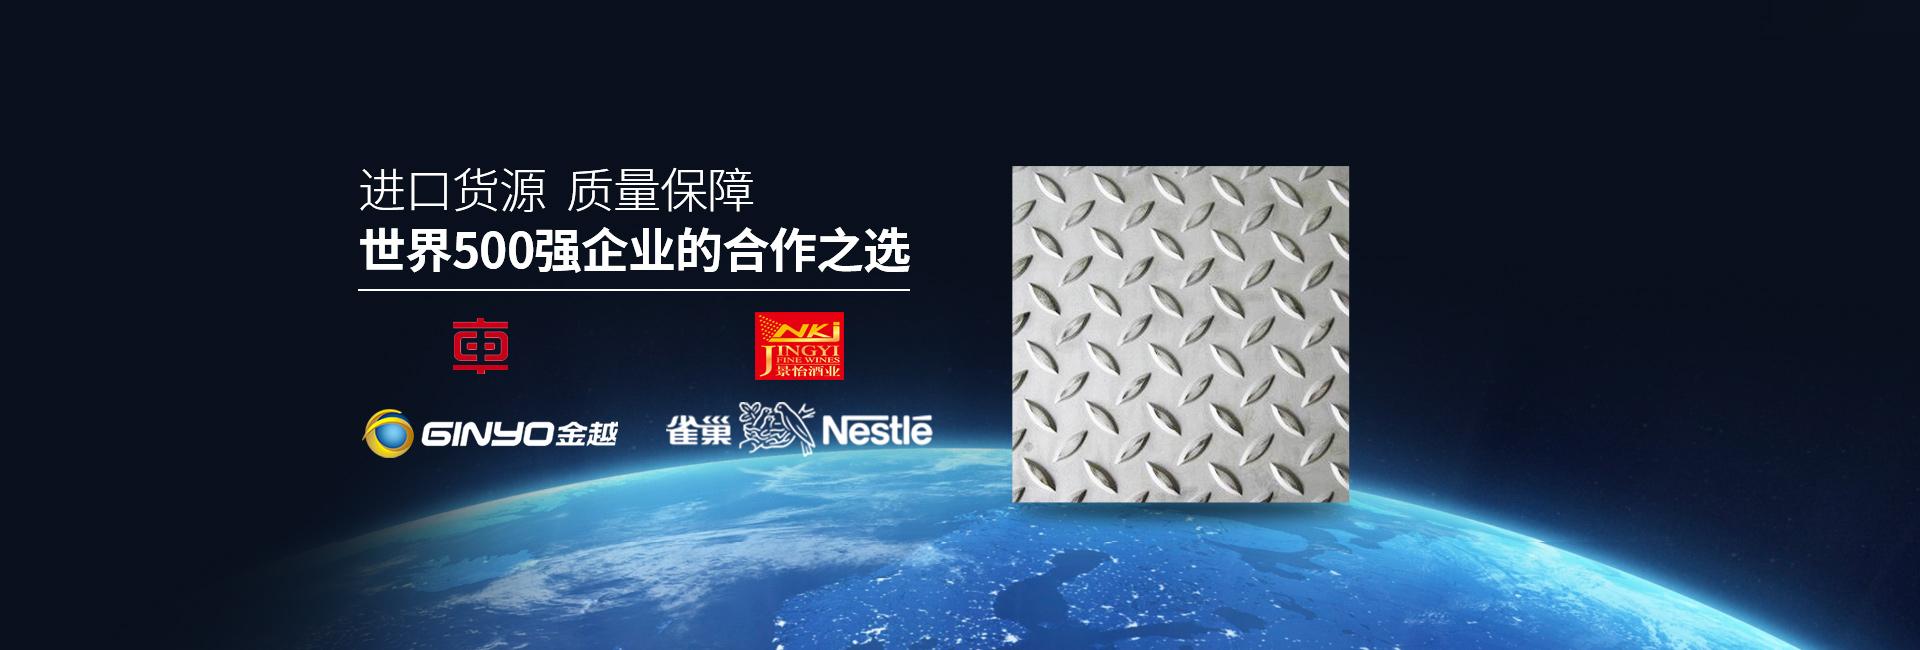 海润钢铁-进口货源 质量保障